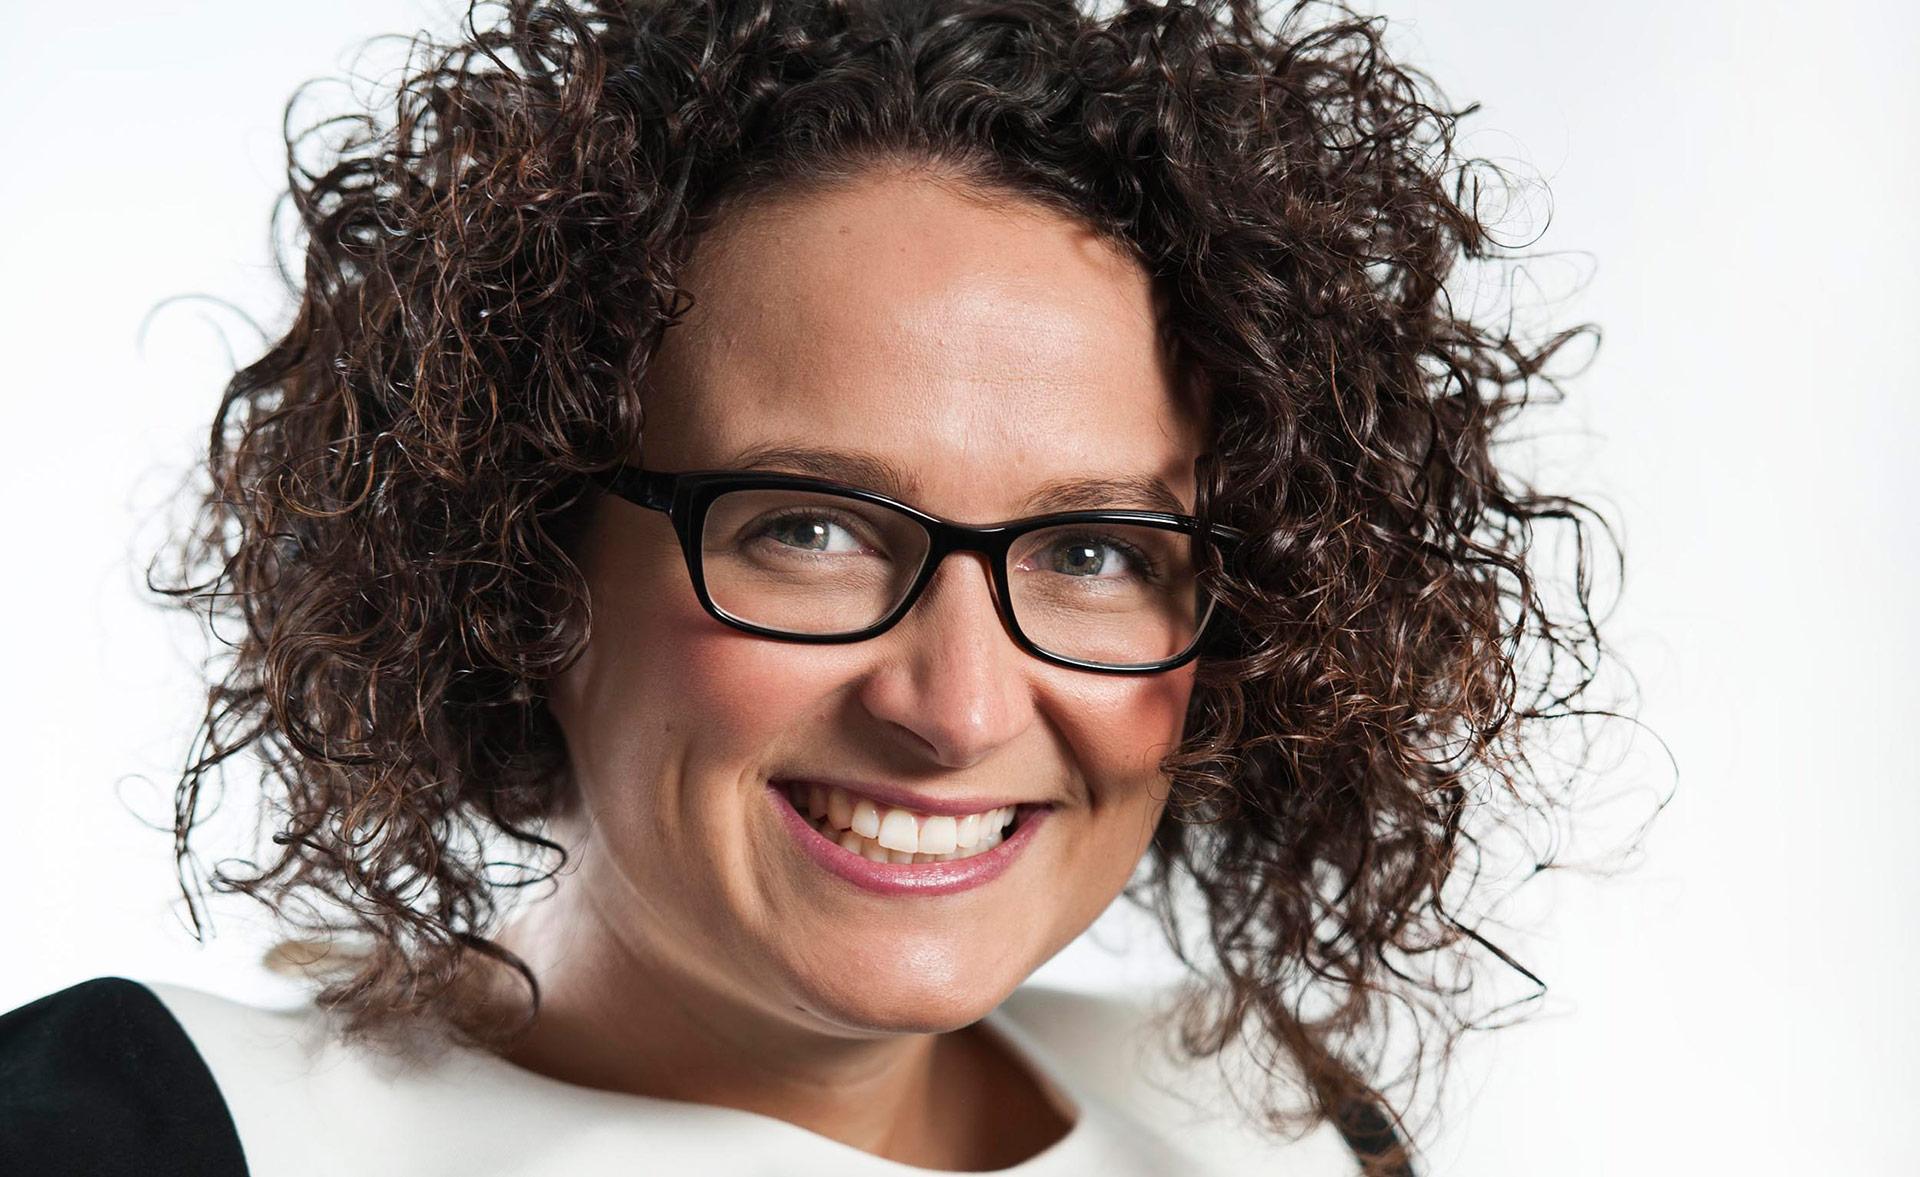 A woman's professional business portrait